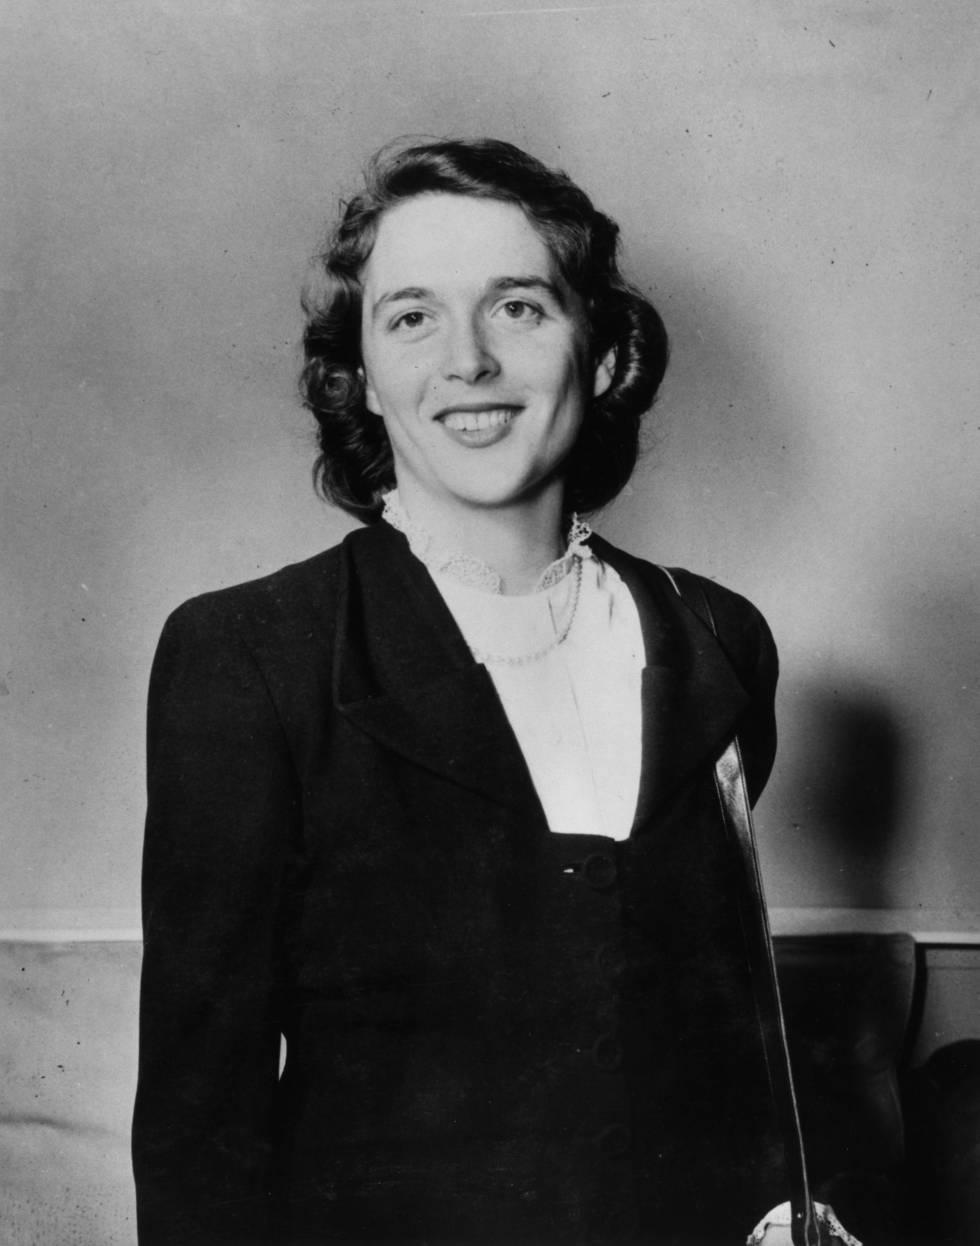 Una joven Barbara Bush, fotografiada en 1945. Uno de los rumores más extendidos sobre Alesteir Crowley dice que podría ser su padre.